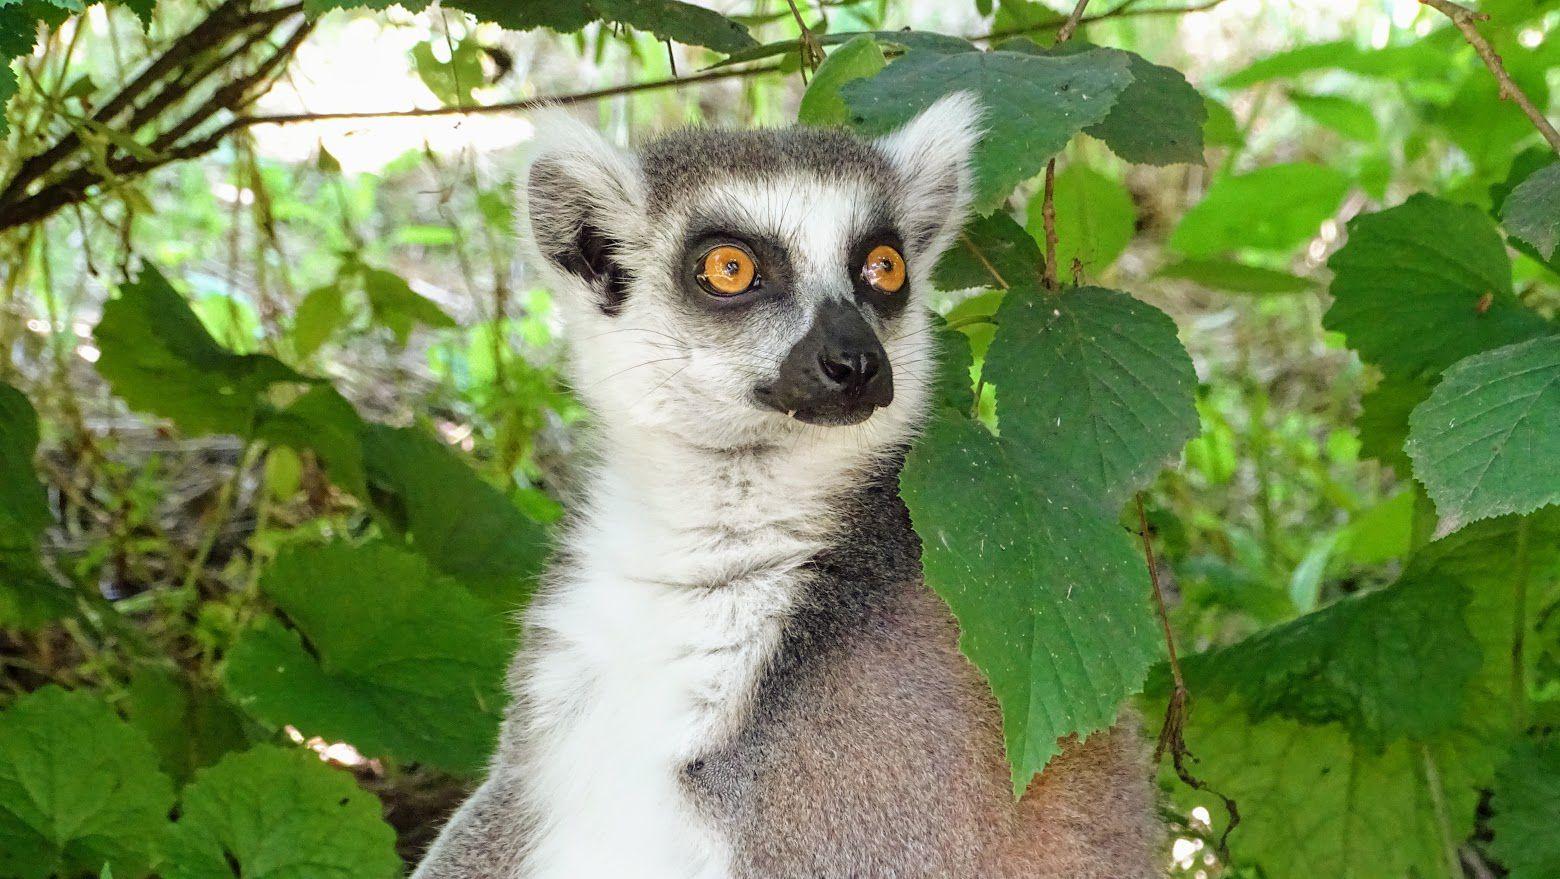 Maki catta (Lemur catta, aussi appelé Maki mococo, maki à queue annelée ou encore lémur à queue annelée). Photo : JLS (Cliquez pour agrandir)